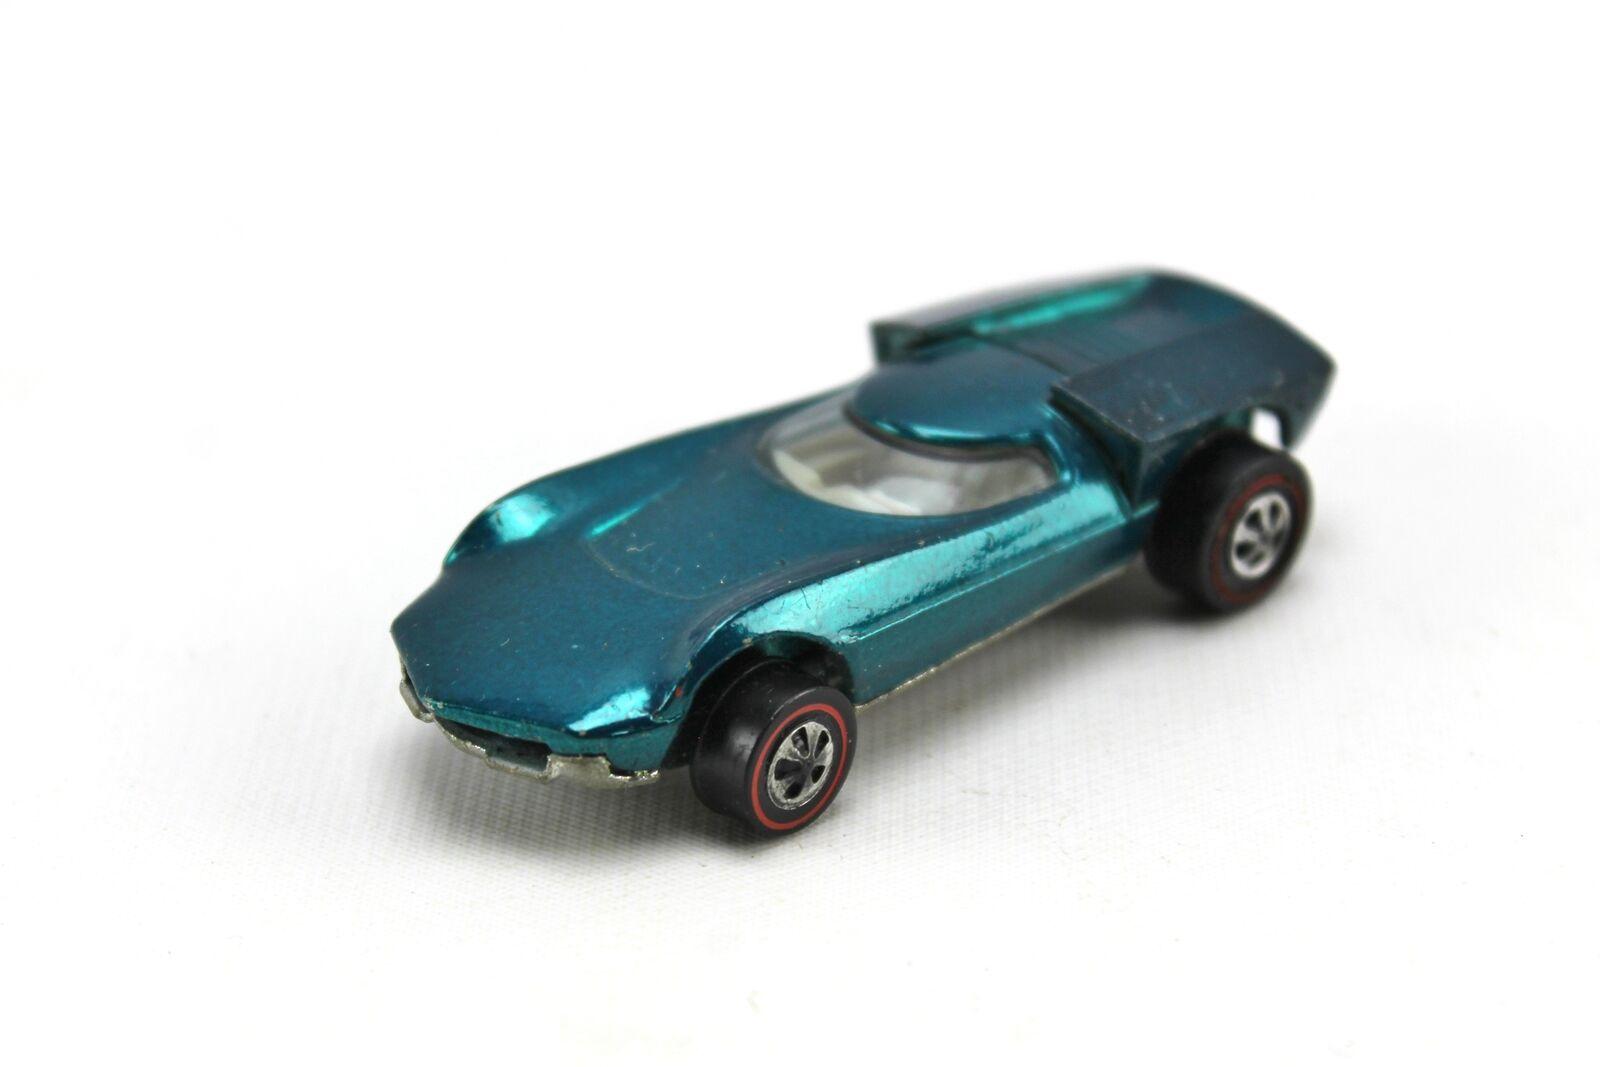 Entrega gratuita y rápida disponible. 1968 Turbofire Aqua Azul verde rojoline Hot Hot Hot Wheels DIECAST EE. UU. 1 64  se descuenta